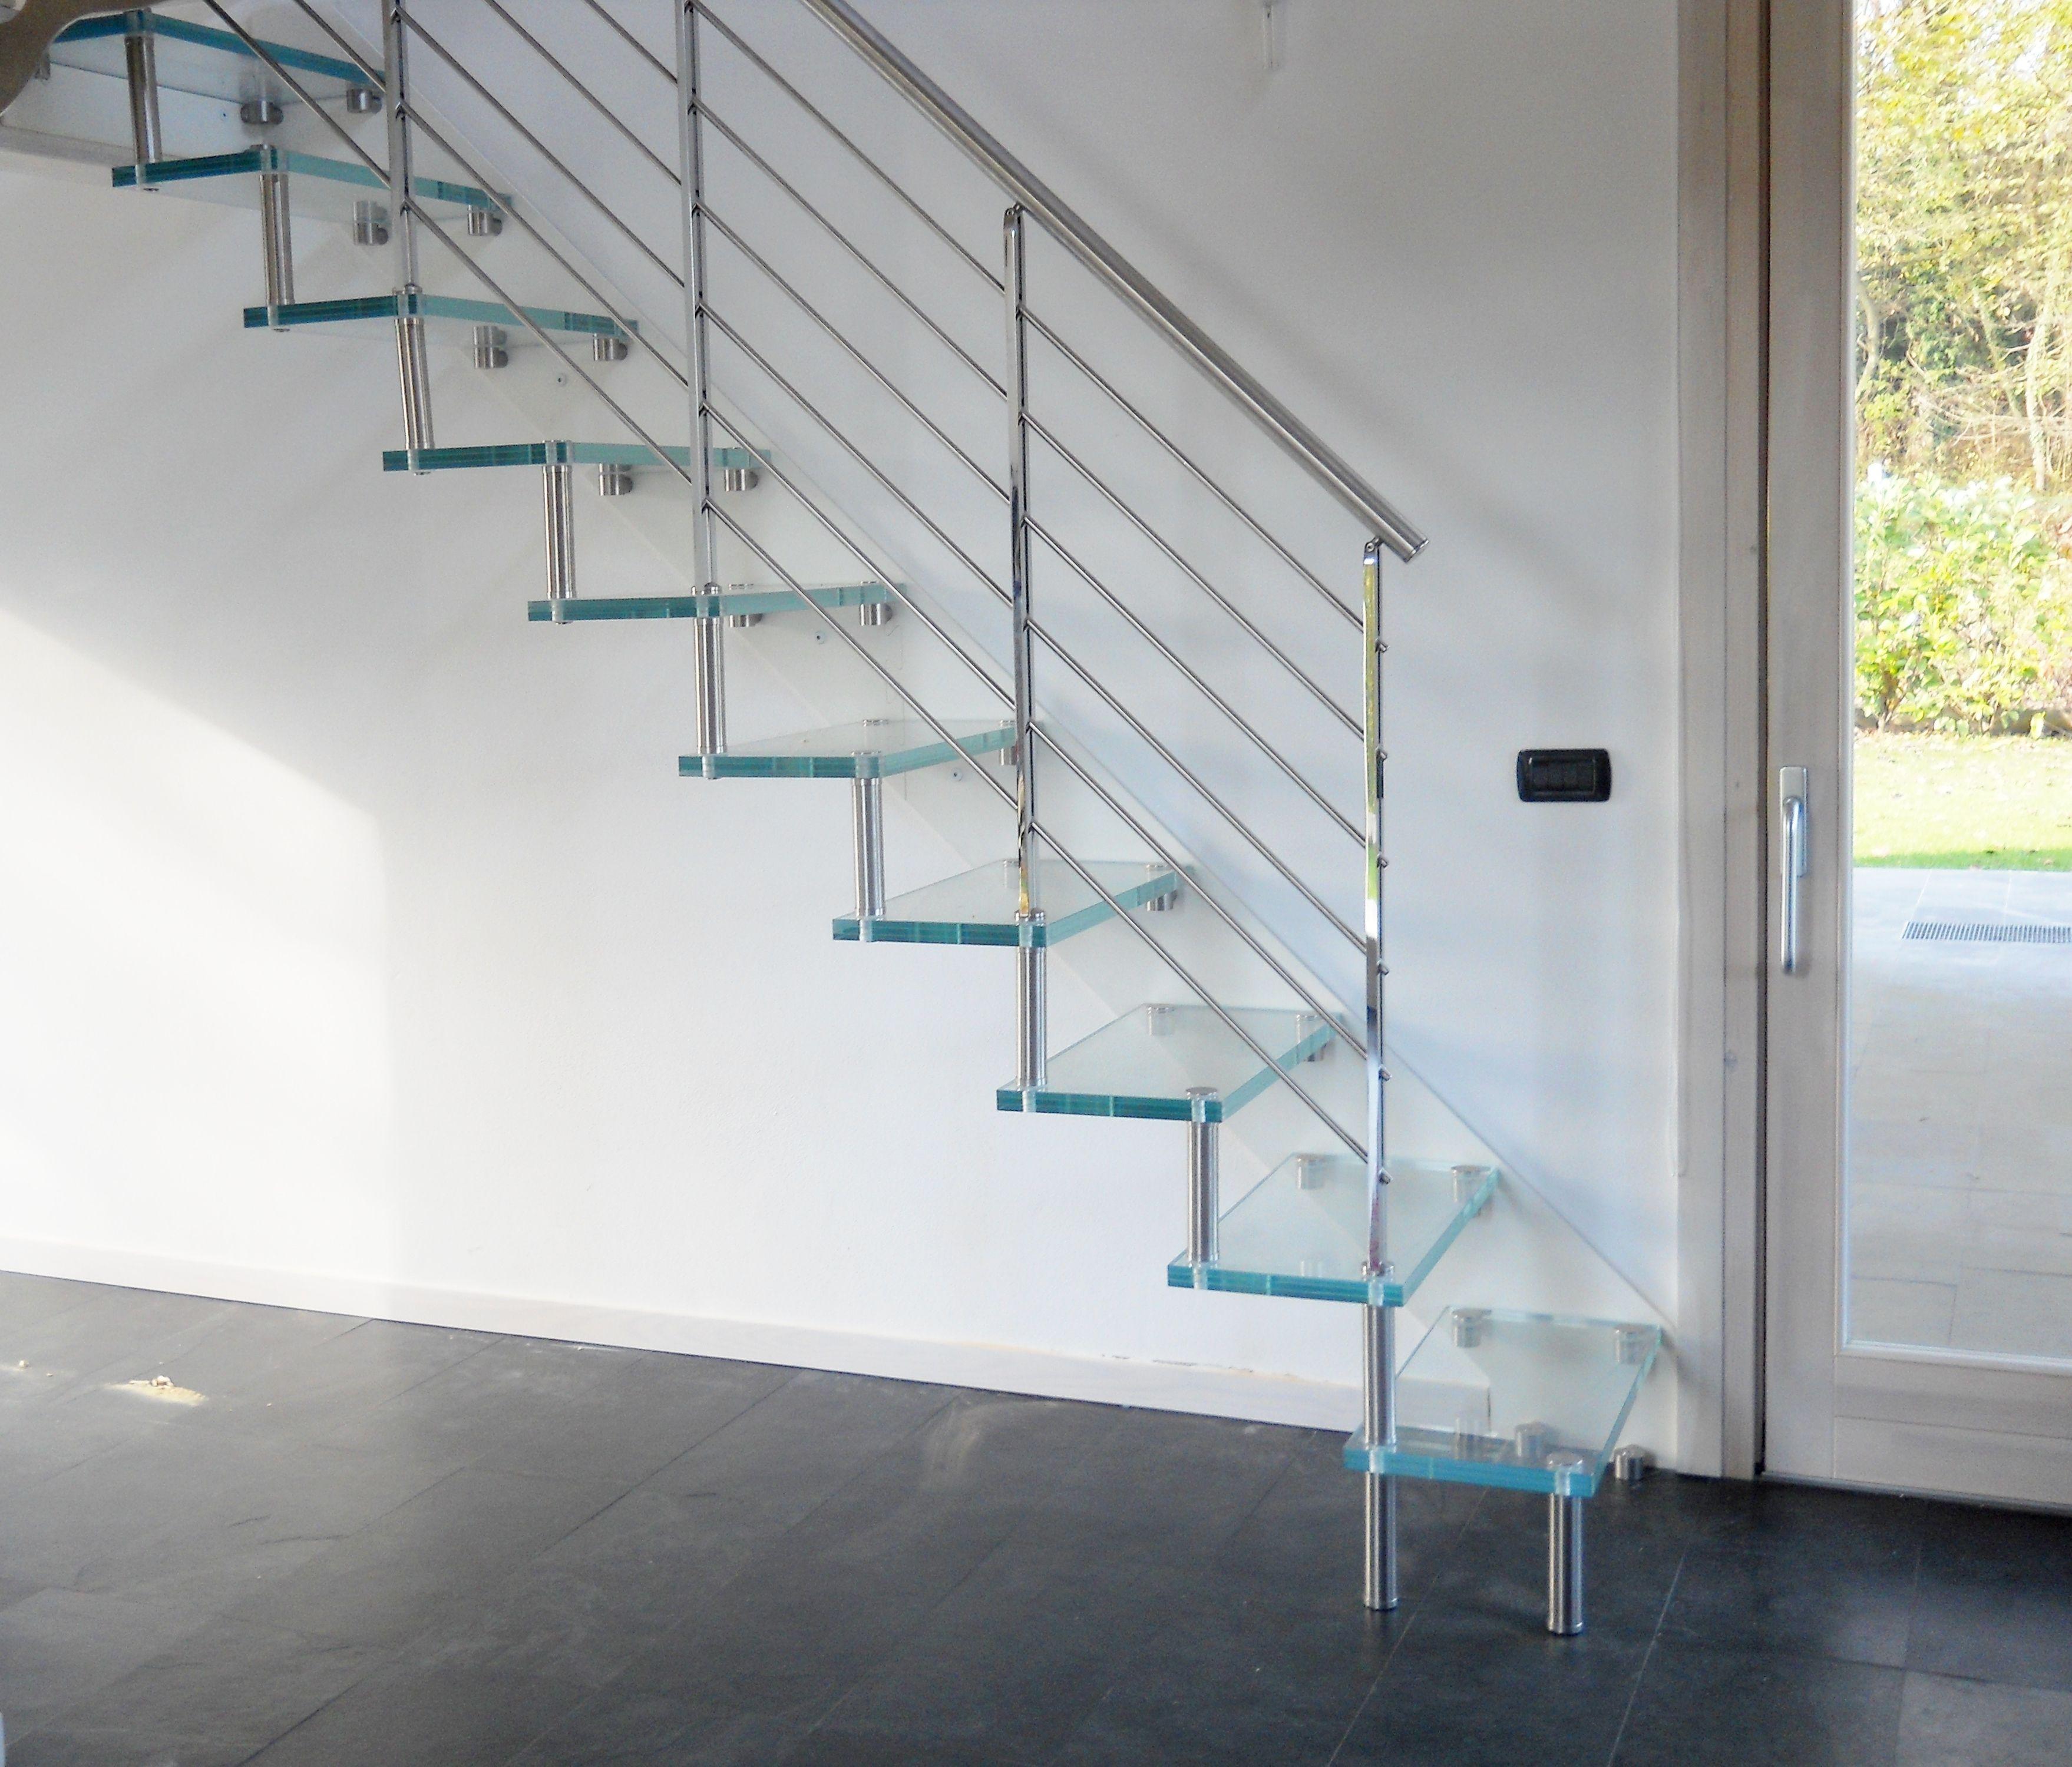 modell flyer formstep treppen fleyer glass eine treppe mit glasstufen und gel nder in. Black Bedroom Furniture Sets. Home Design Ideas